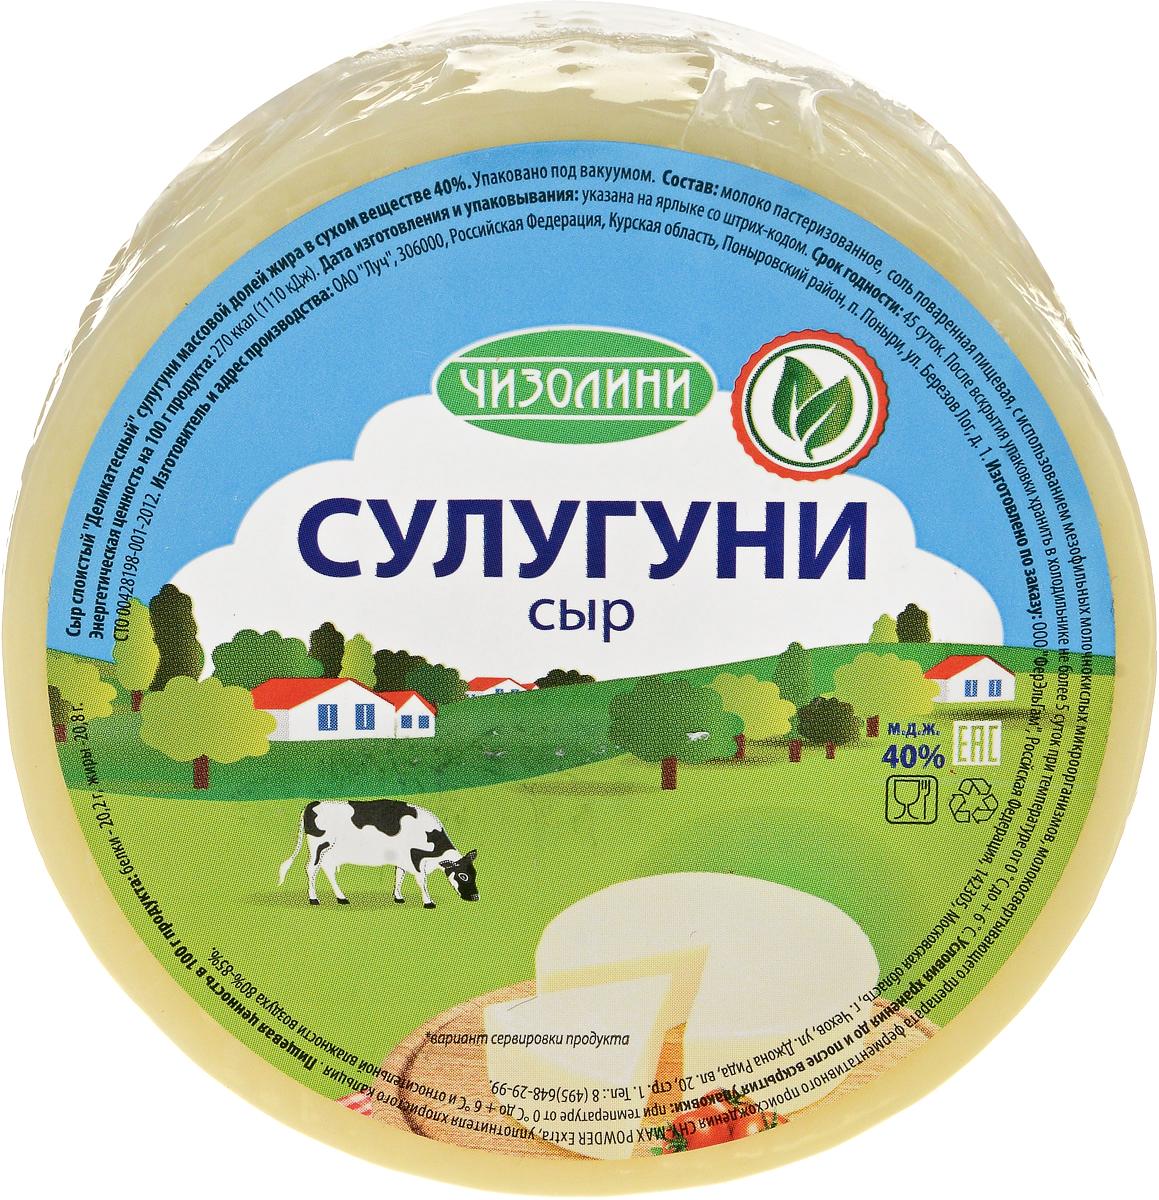 Чизолини Сыр Сулугуни, свежий, 300 г чизолини сыр чечил копченый 150 г